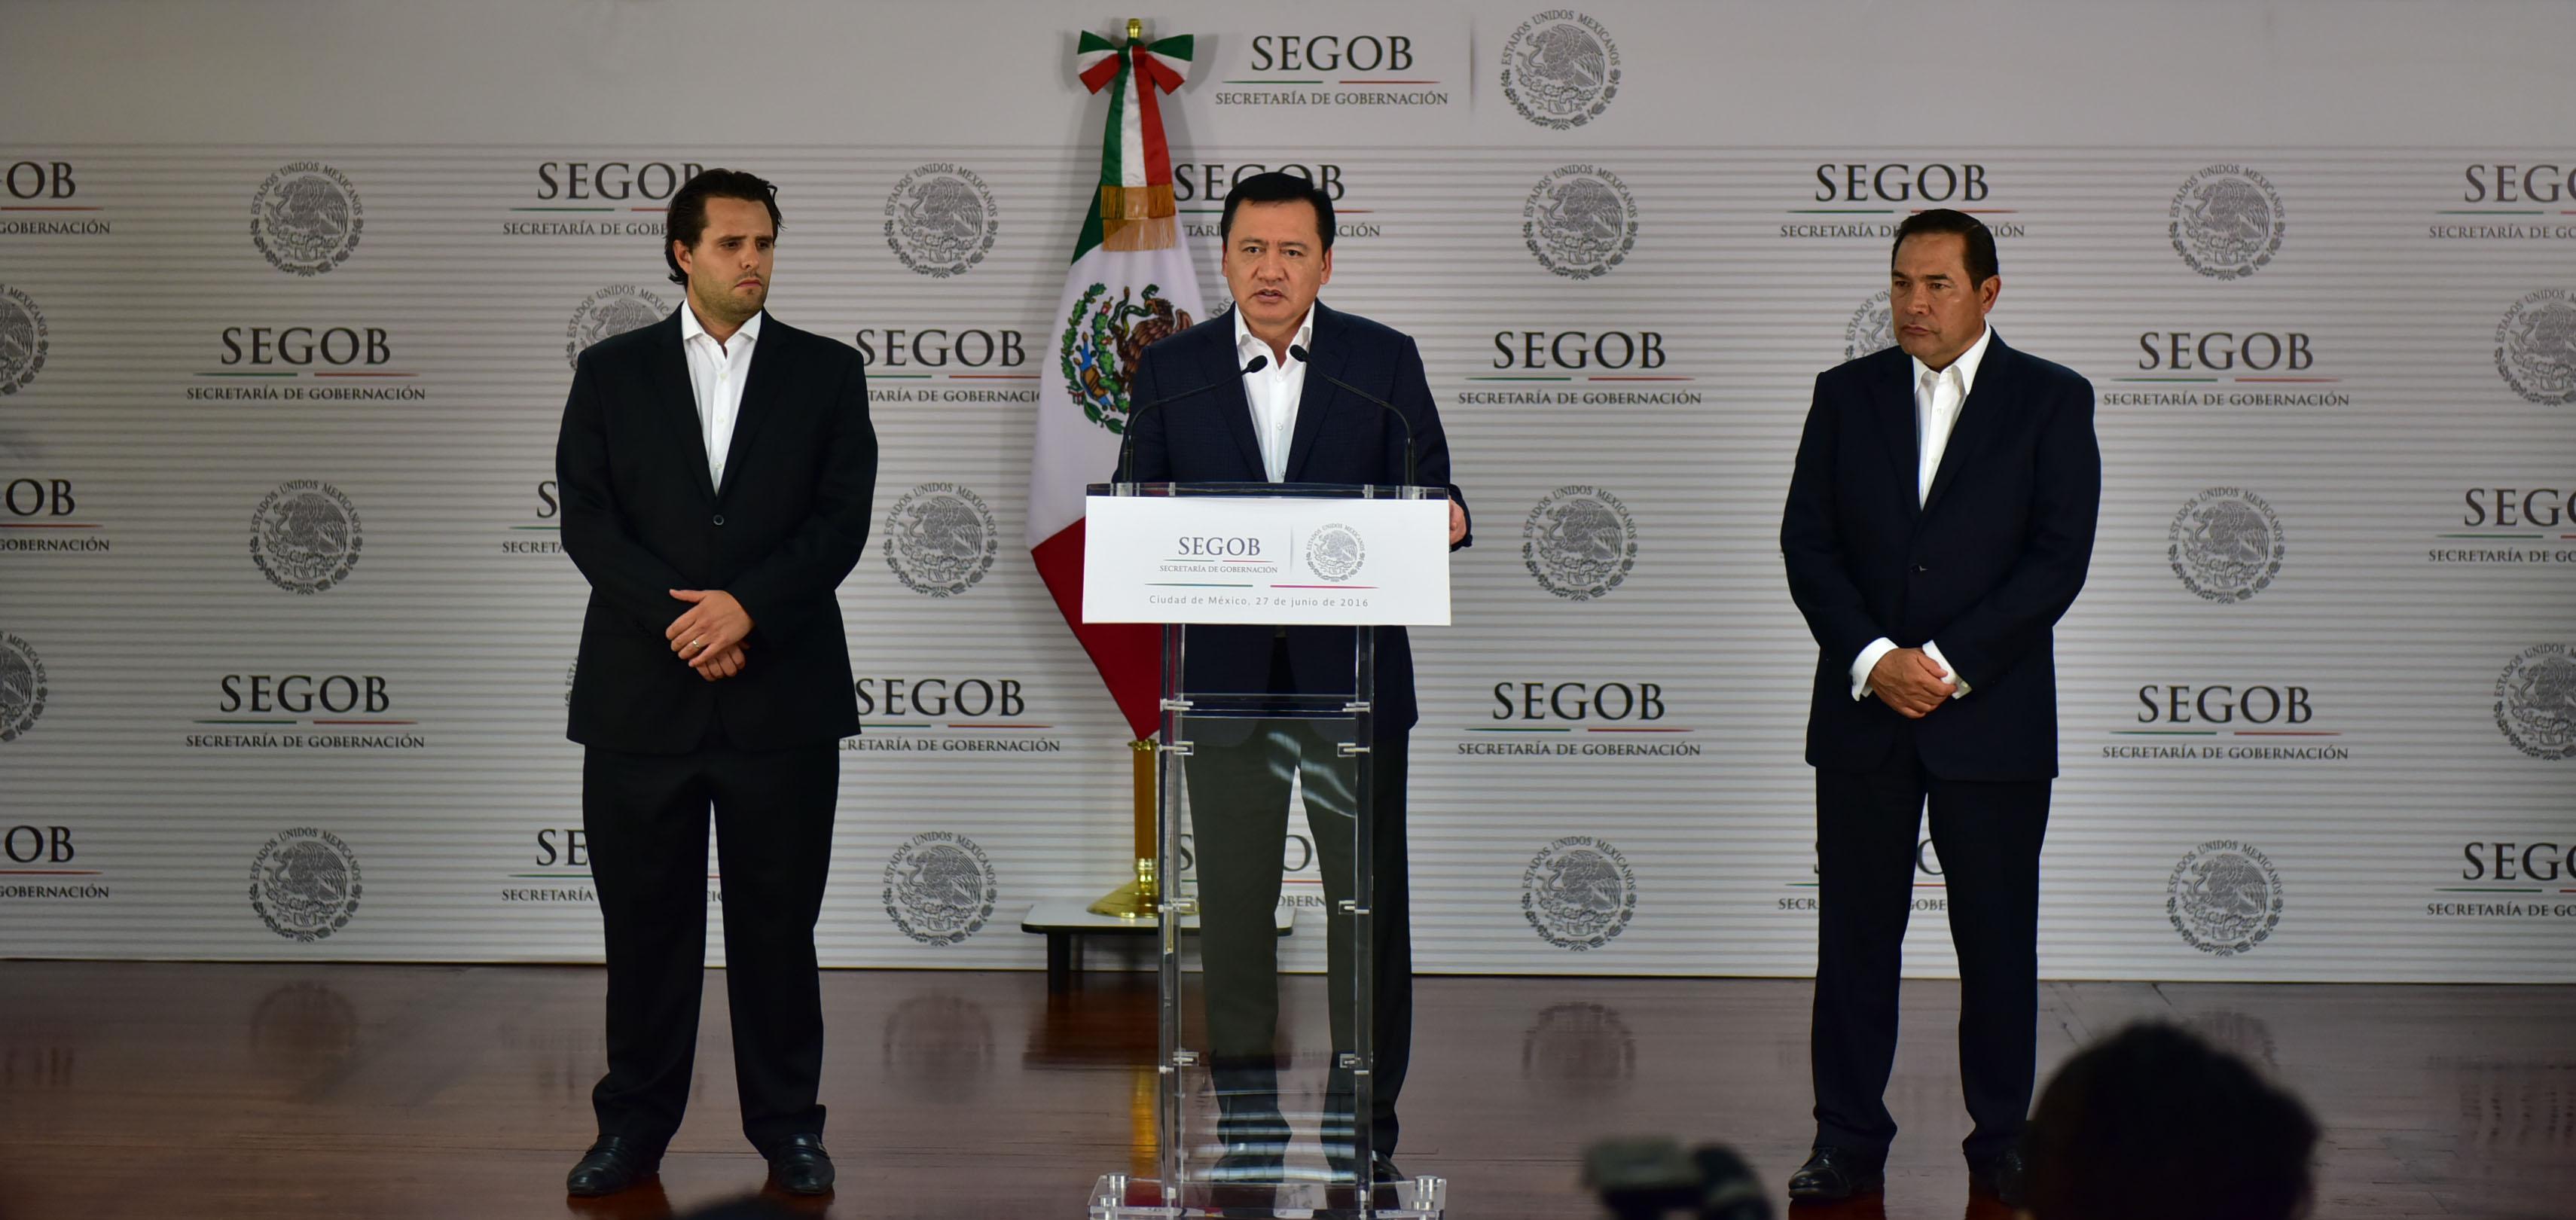 Mensaje a medis del Secretario de Gobernación, Miguel Ángel Osorio Chong